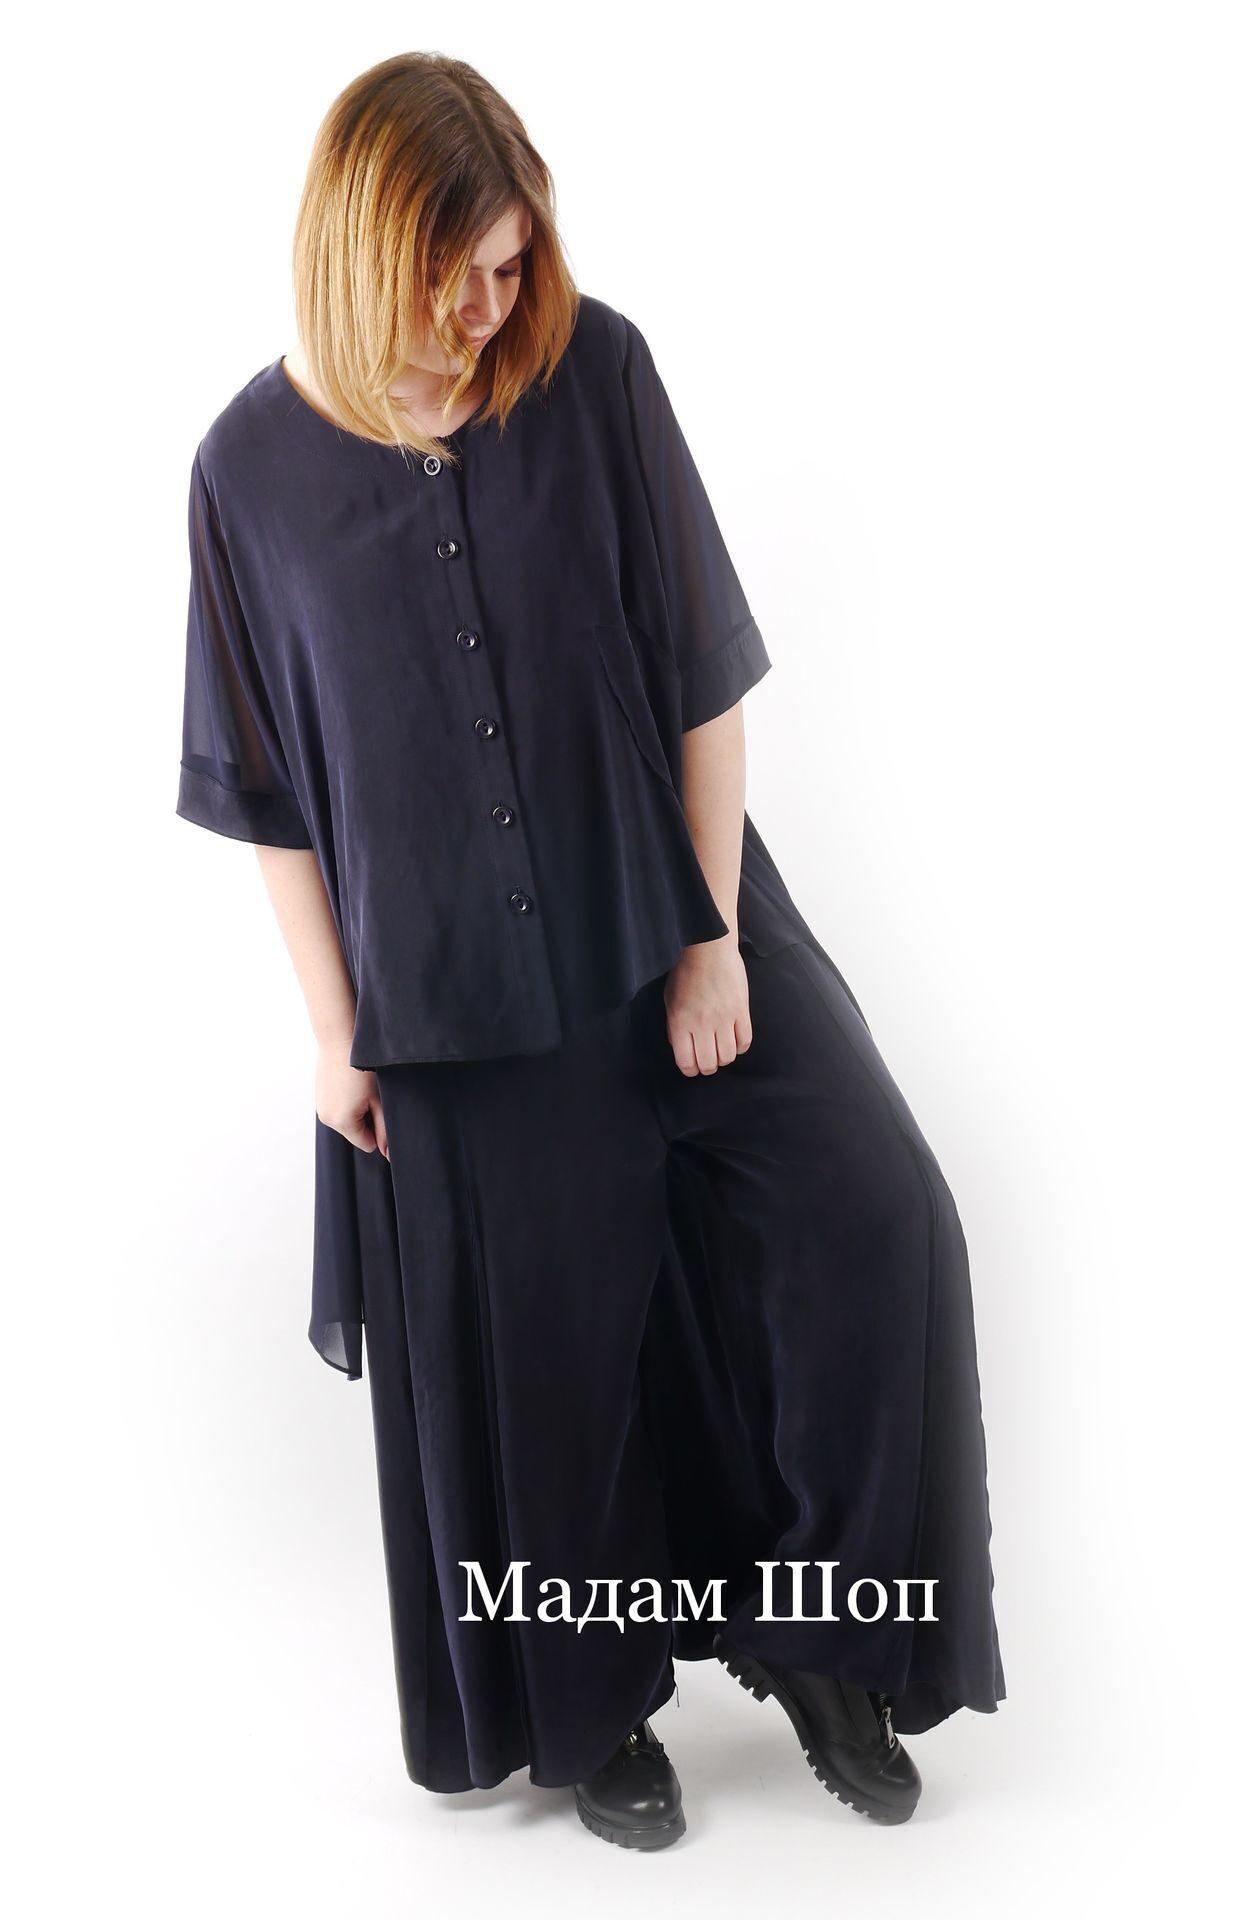 Шёлковый брючный костюм тёмно-синего цвета  блузка на пуговицах и стильные  брюки-юбка fe4dbd5e05a